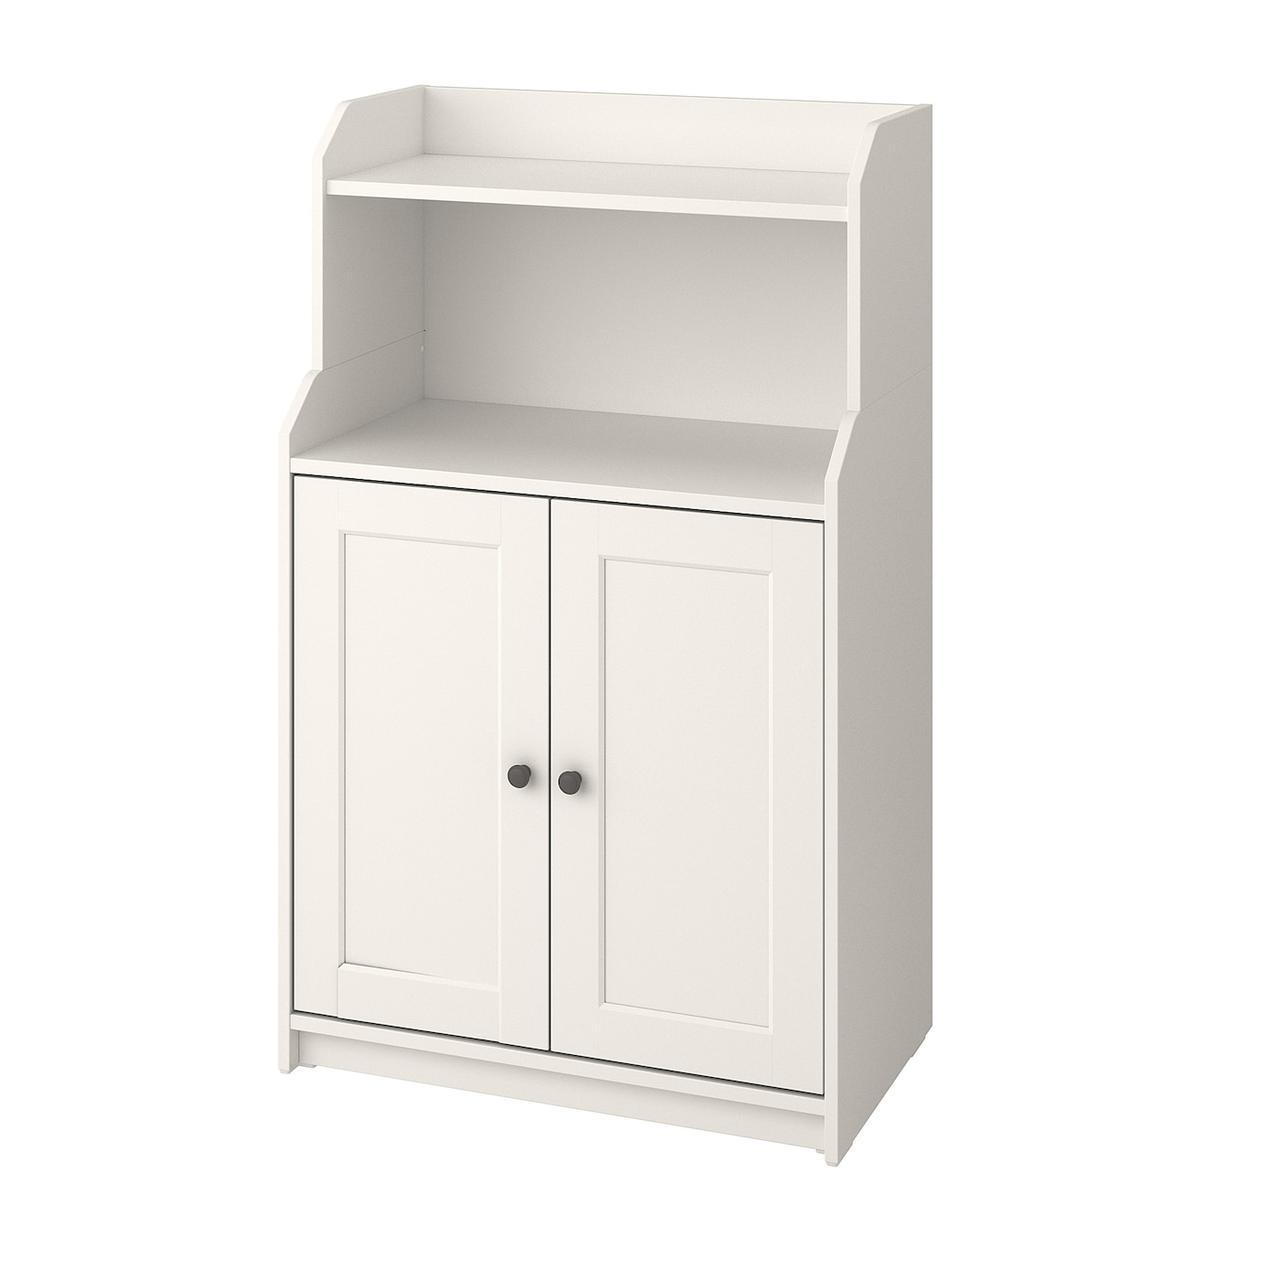 IKEA HAUGA Напольный шкаф/2 дверцы 70x116 см